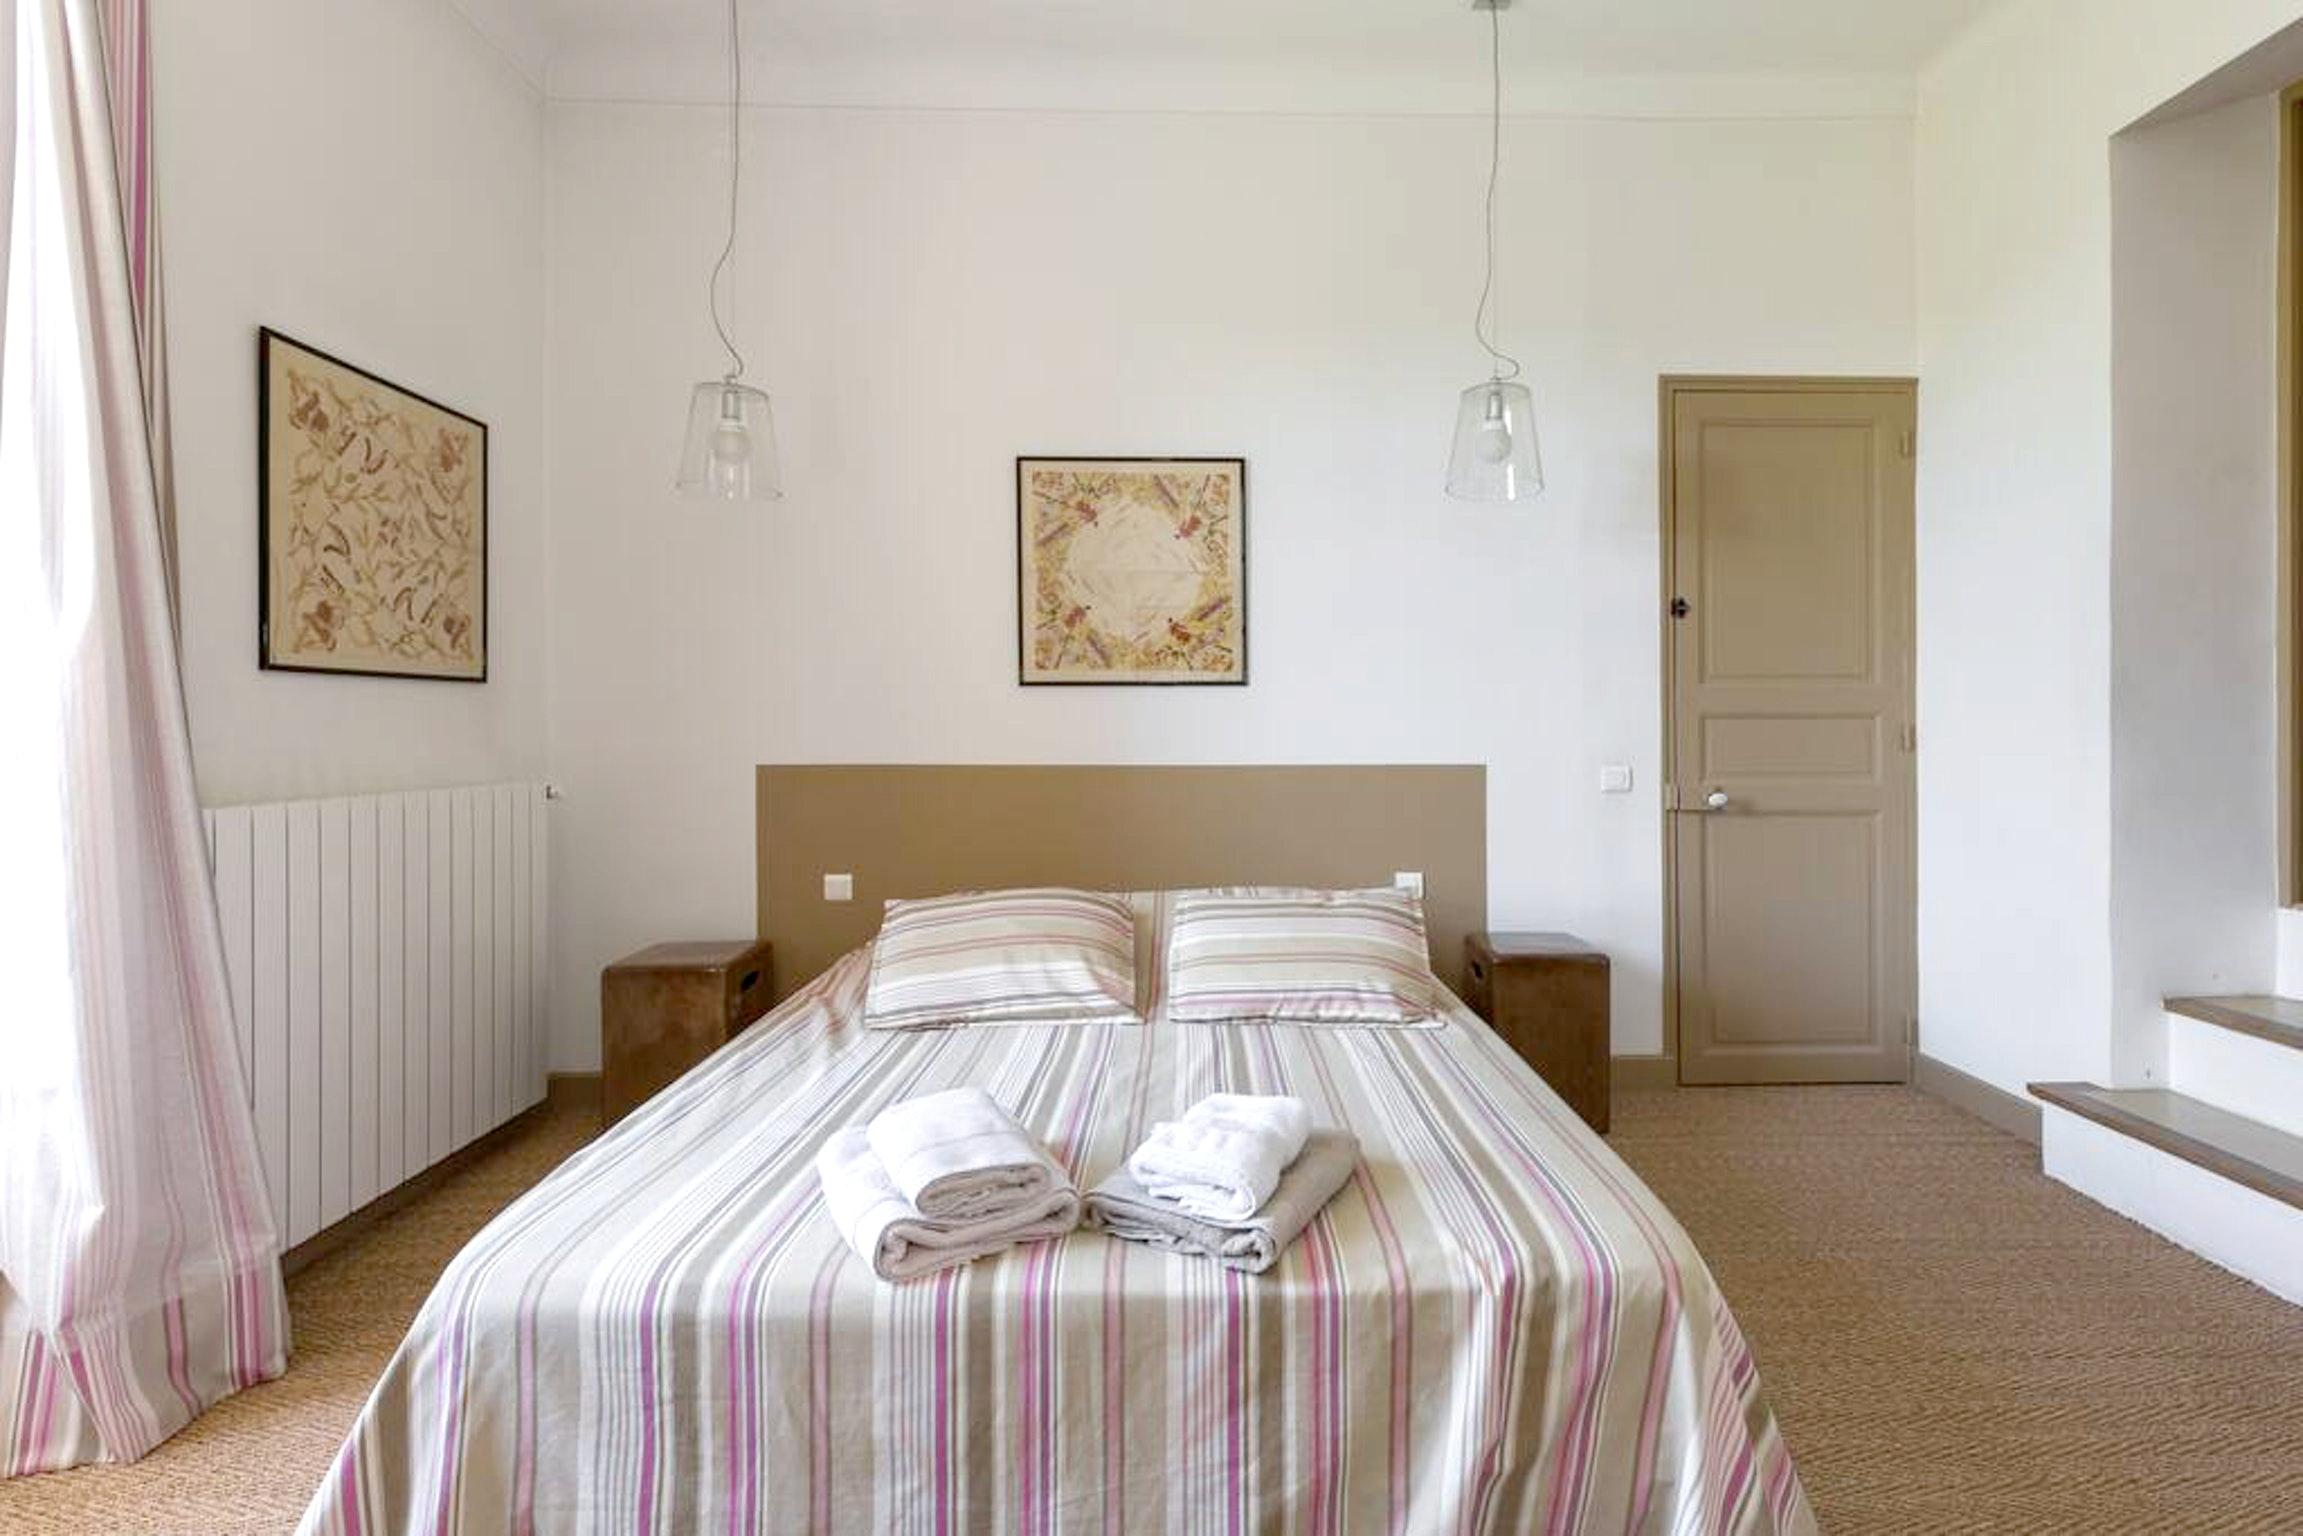 Maison de vacances Villa mit 6 Schlafzimmern in L'Isle-sur-la-Sorgue mit privatem Pool, möbliertem Garten und (2647203), L'Isle sur la Sorgue, Vaucluse, Provence - Alpes - Côte d'Azur, France, image 32